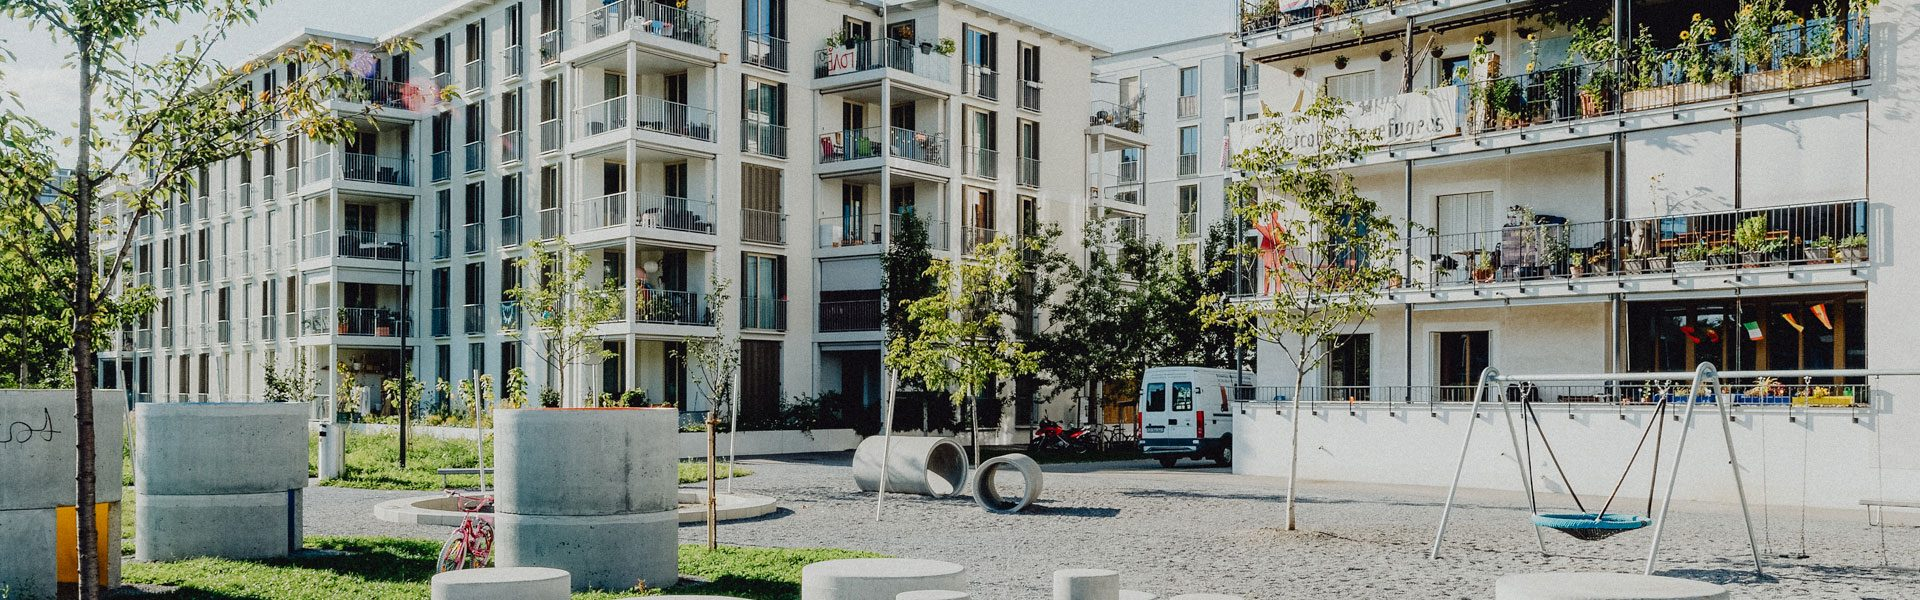 SichtWeisen   Wohnen im Unruhestand   (c) Ursula Meisser